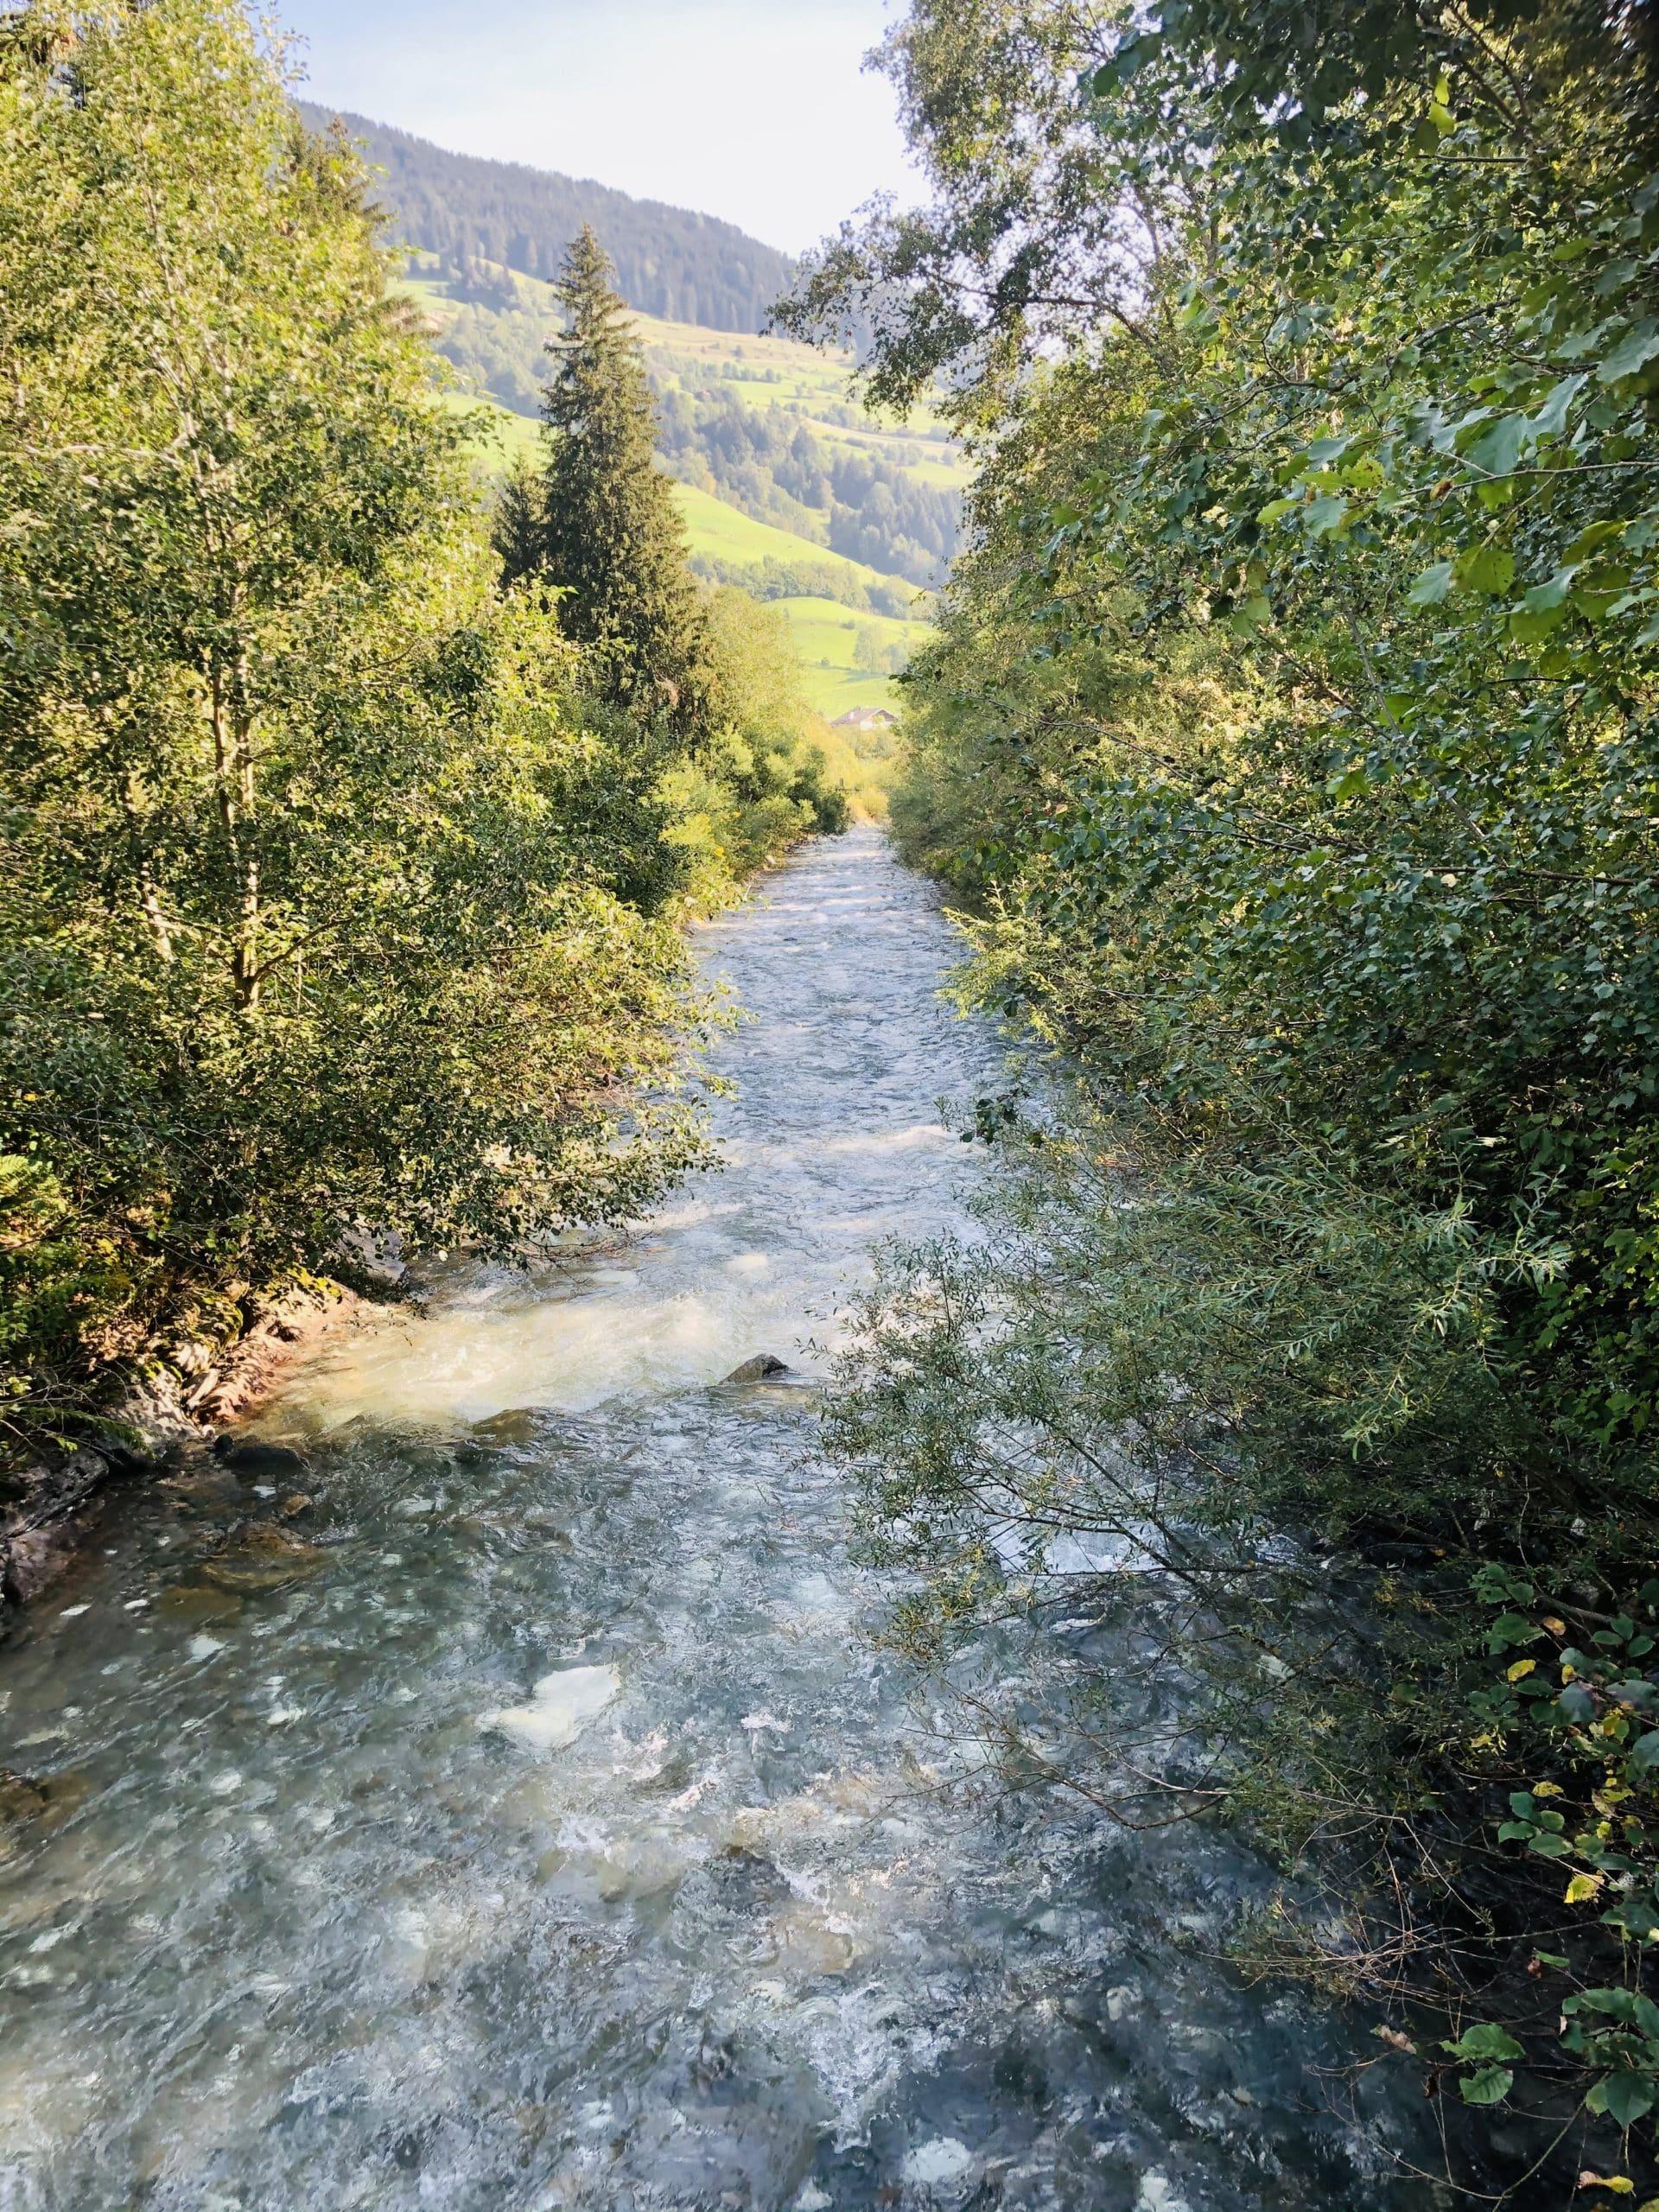 Von Sterzing aus hinein in die Bergwelt Teil 5 Gilfenklamm